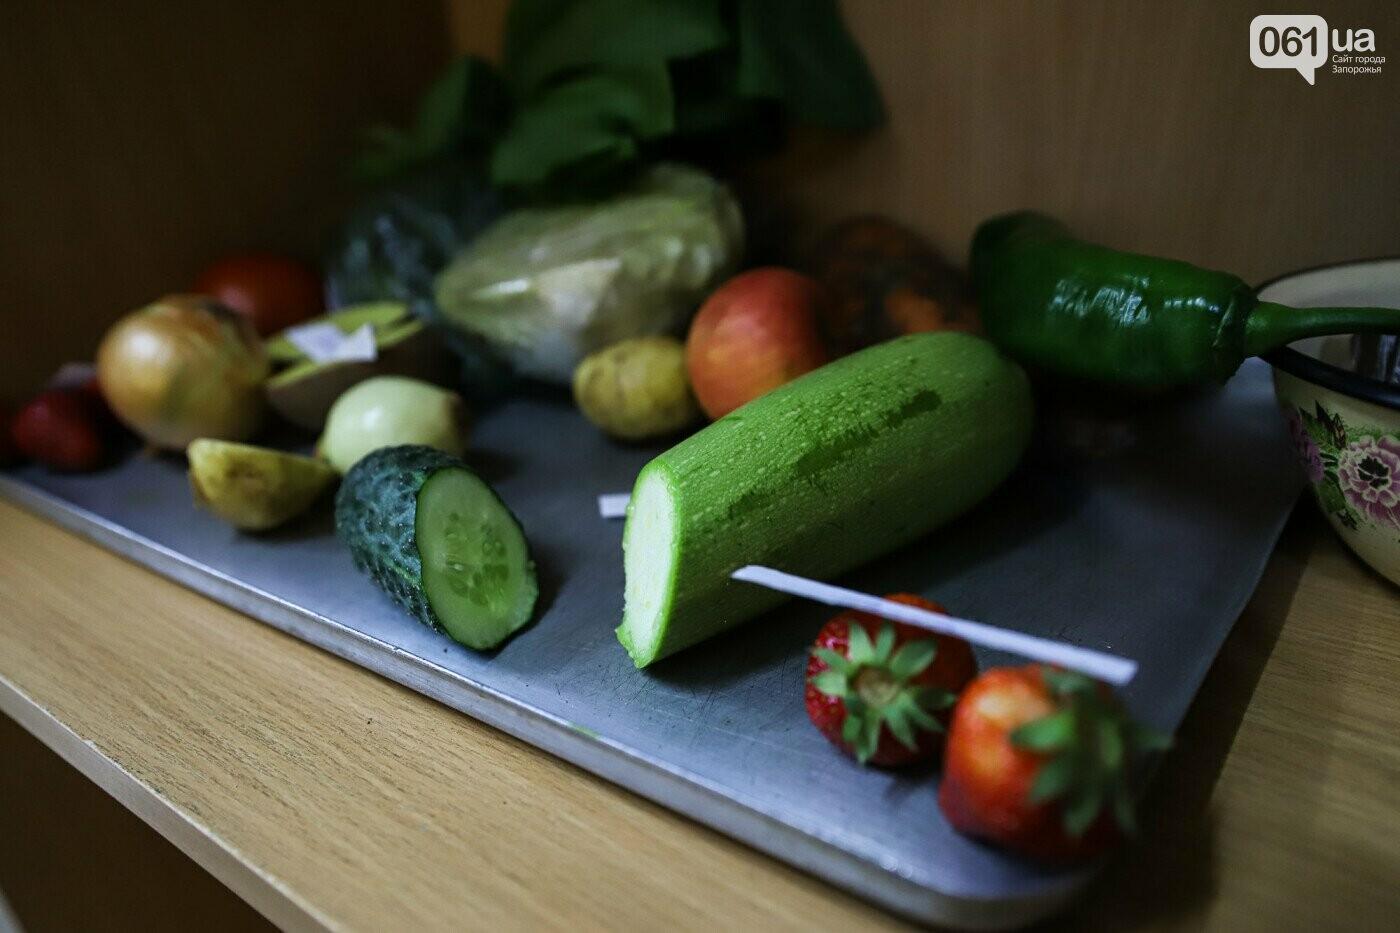 В Запорожской области на рынках изъяли 17 тонн овощей с нитратами , фото-1